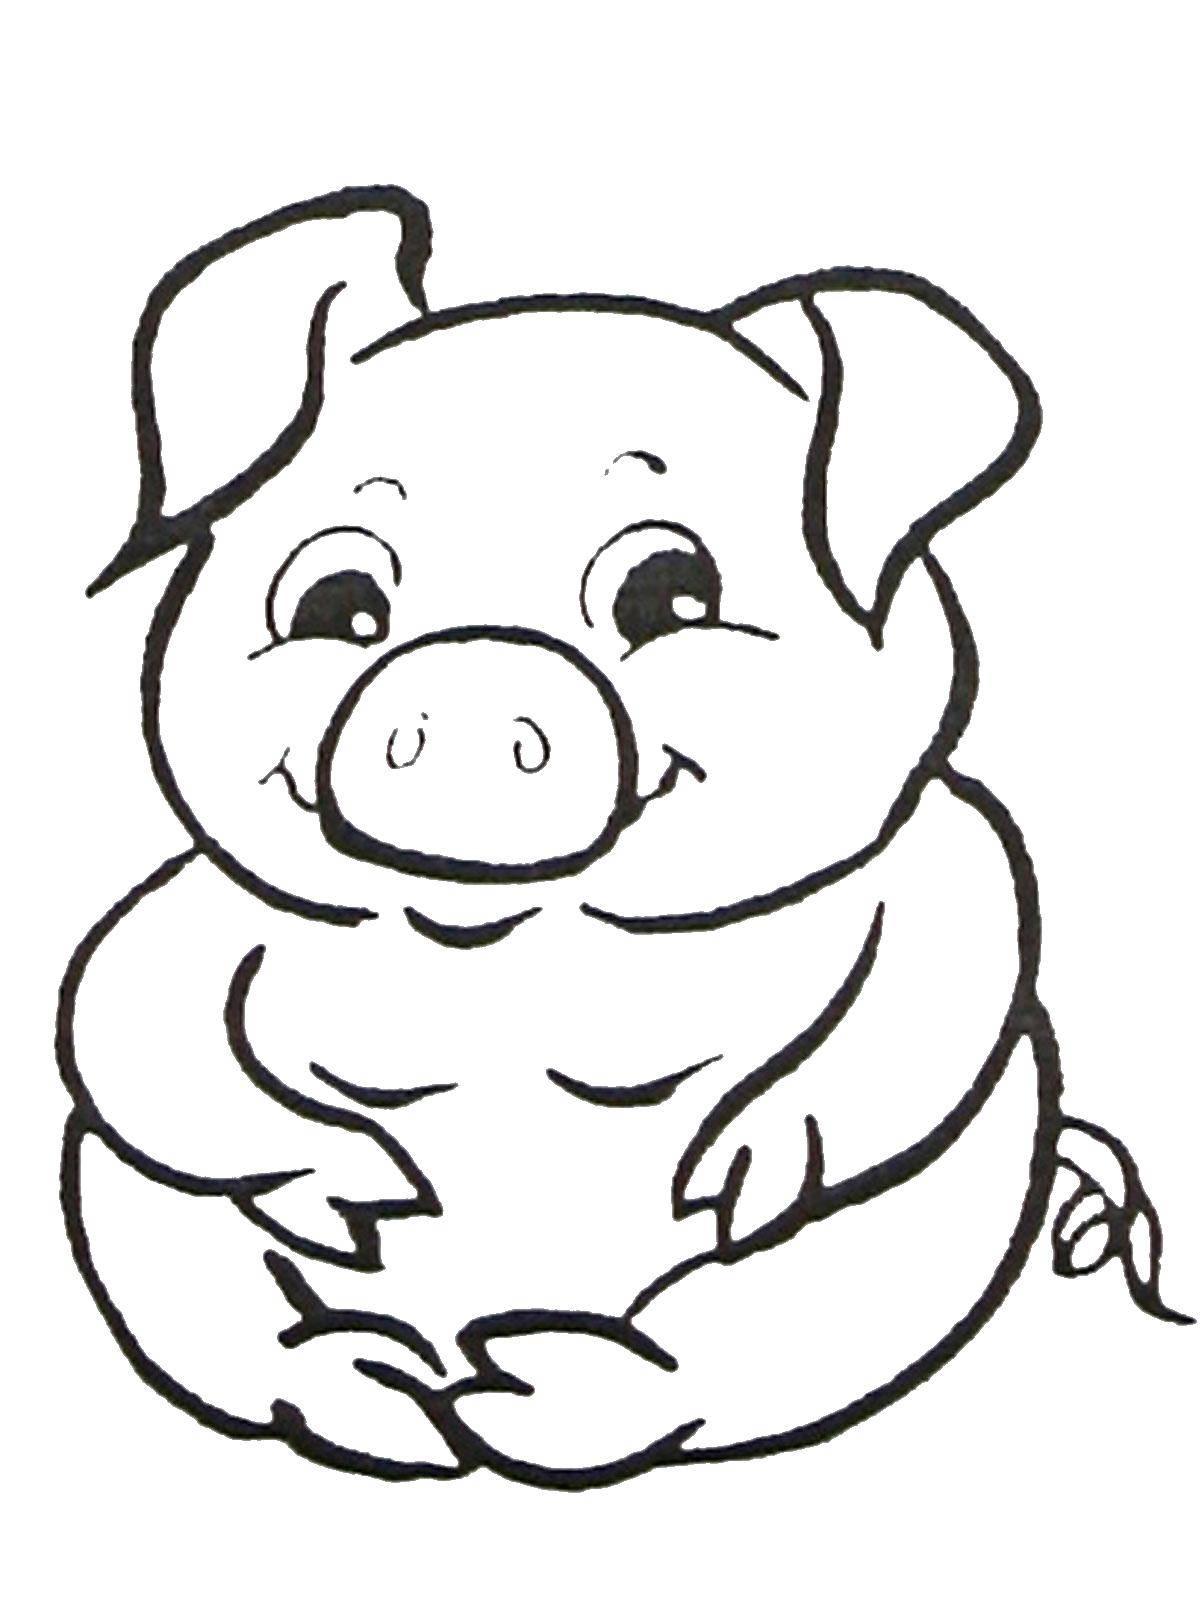 Название: Раскраска Толстый поросенок. Категория: домашние животные. Теги: Животные, свинка.